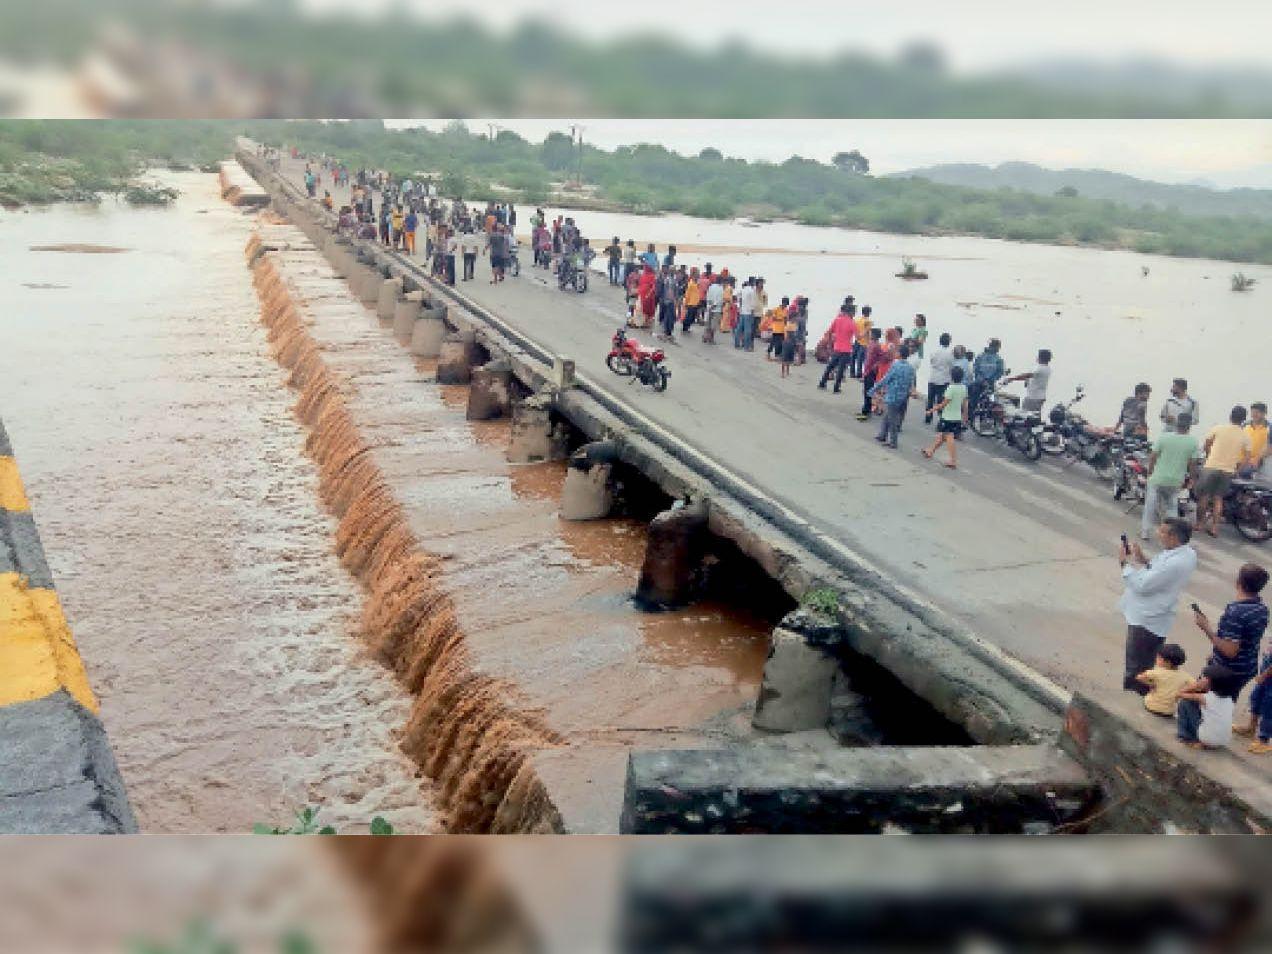 पहाडियों में अच्छी बारिश होने से रविवार को पहली बार सुकड़ी नदी में पानी बहा। नदी को देखने के लिए लोगों की भीड़ लग गई। - Dainik Bhaskar